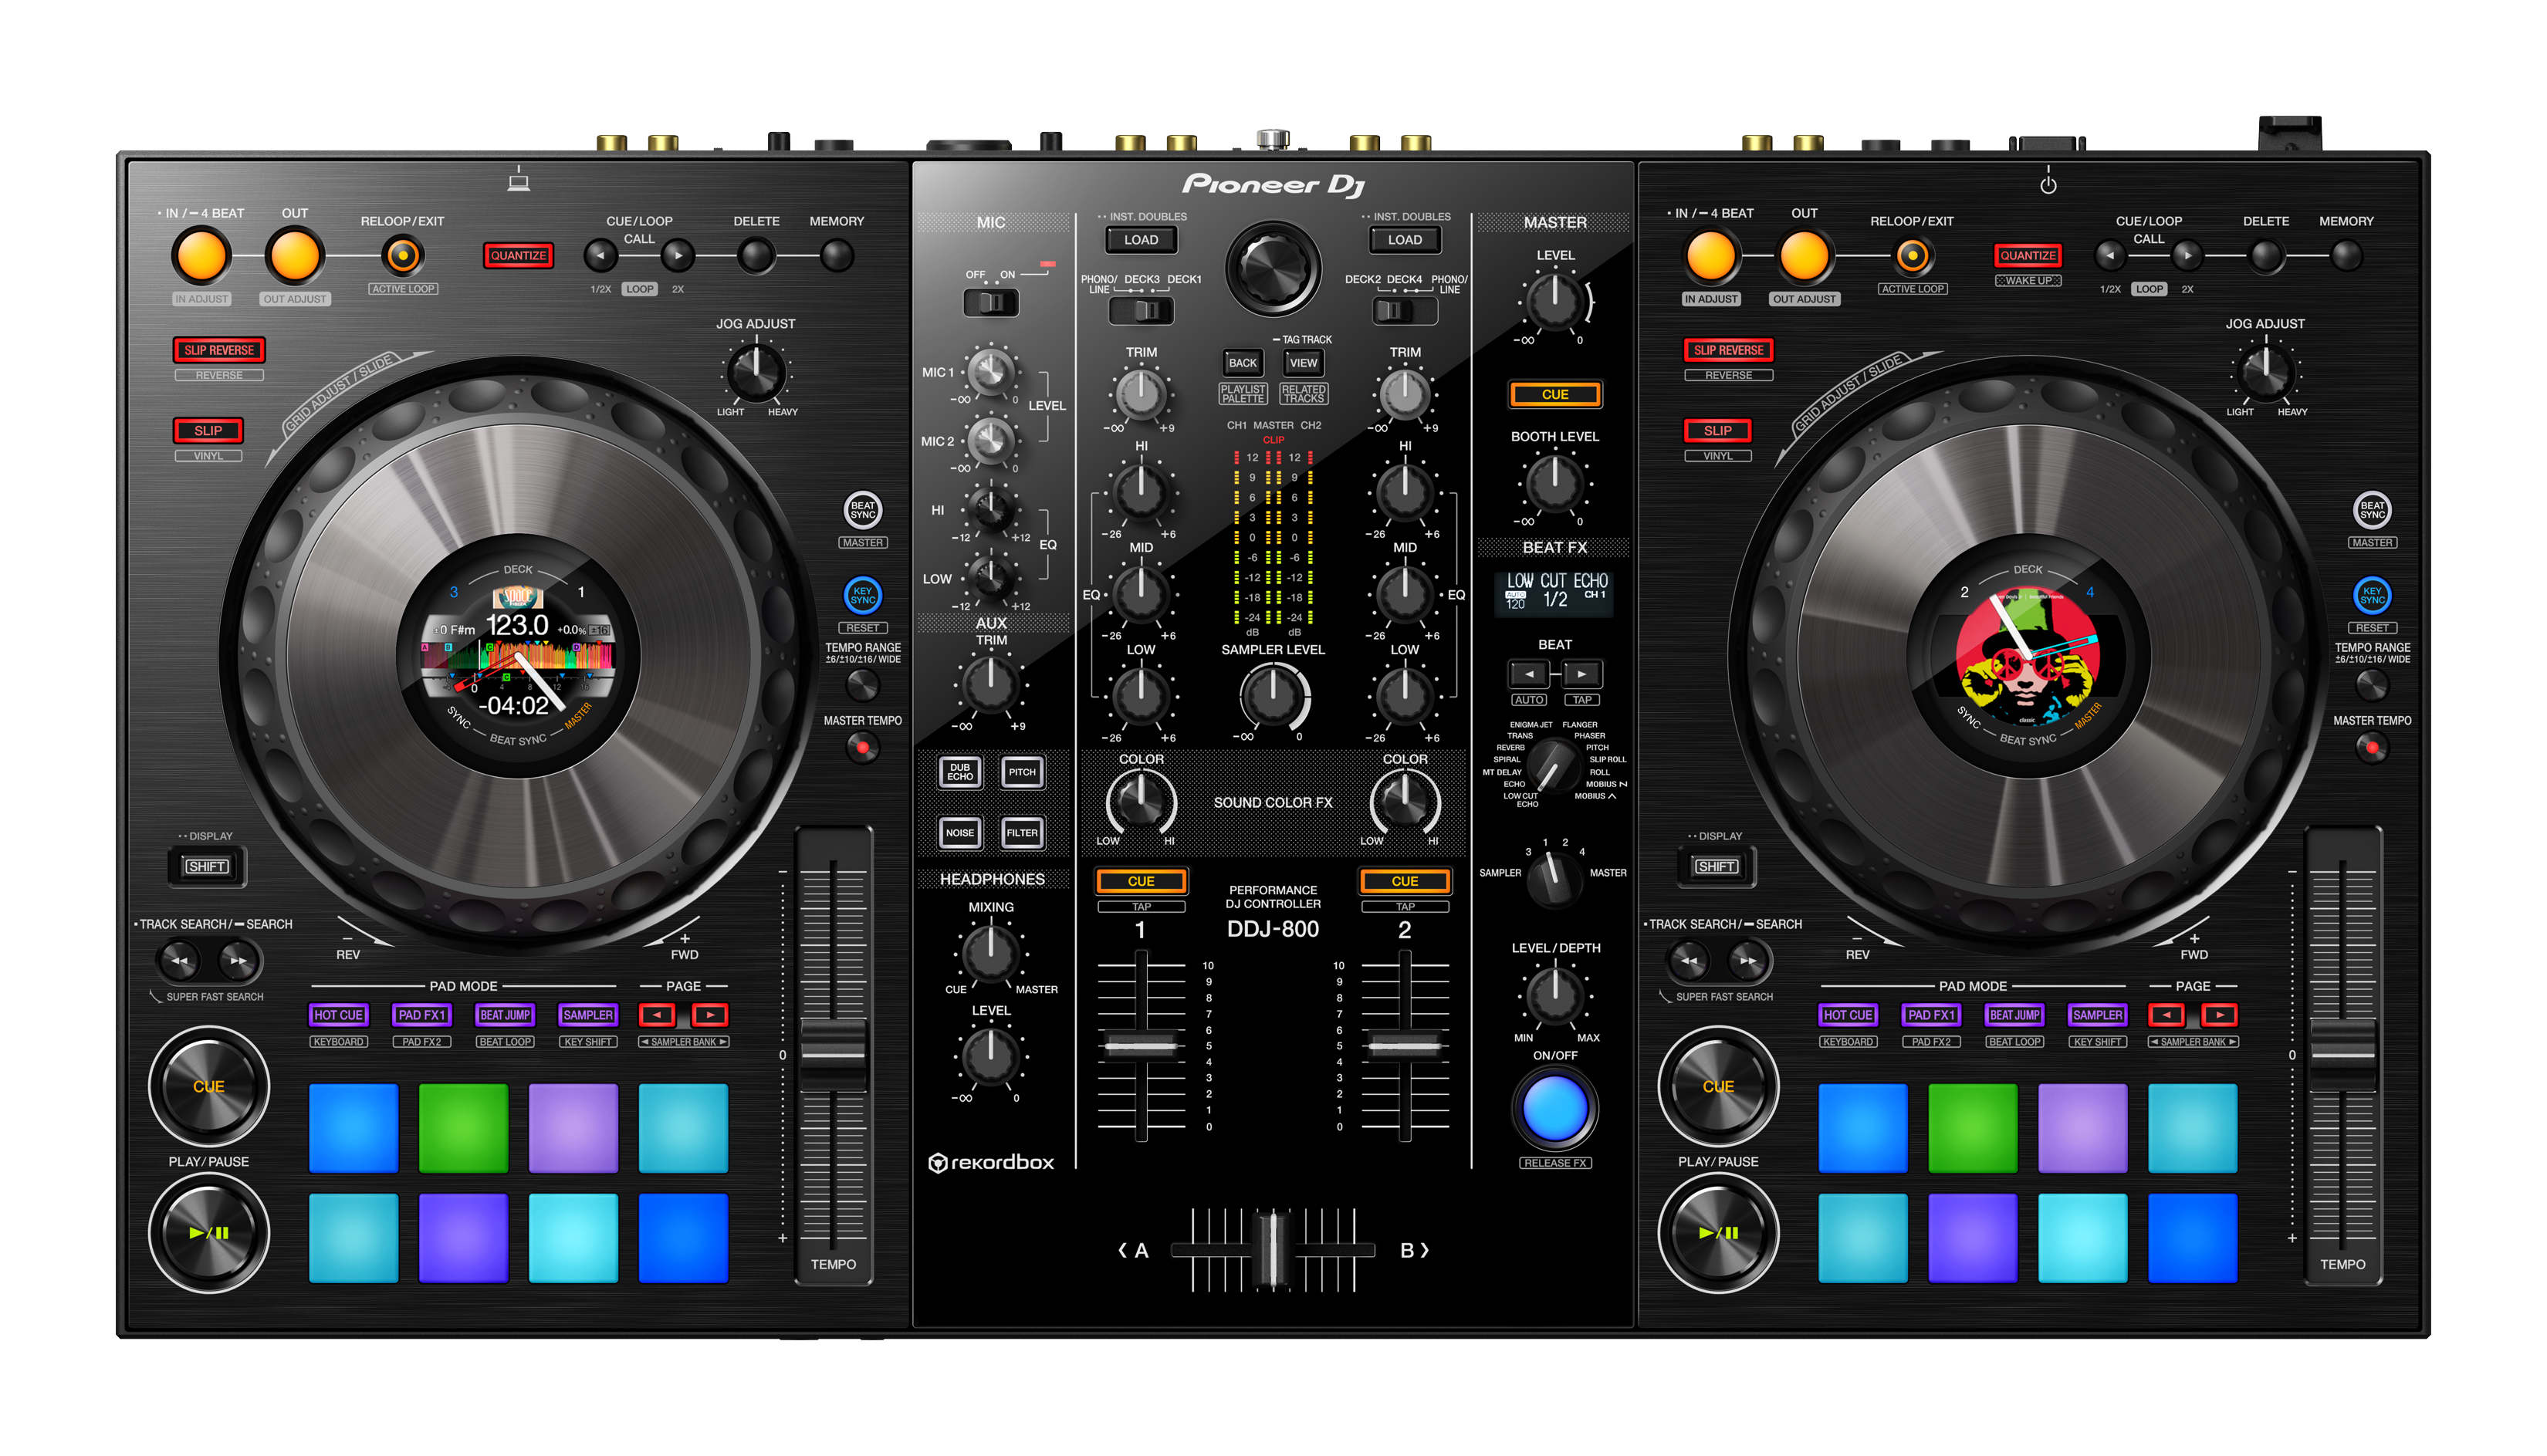 DJ CONSOLE RACK CASE